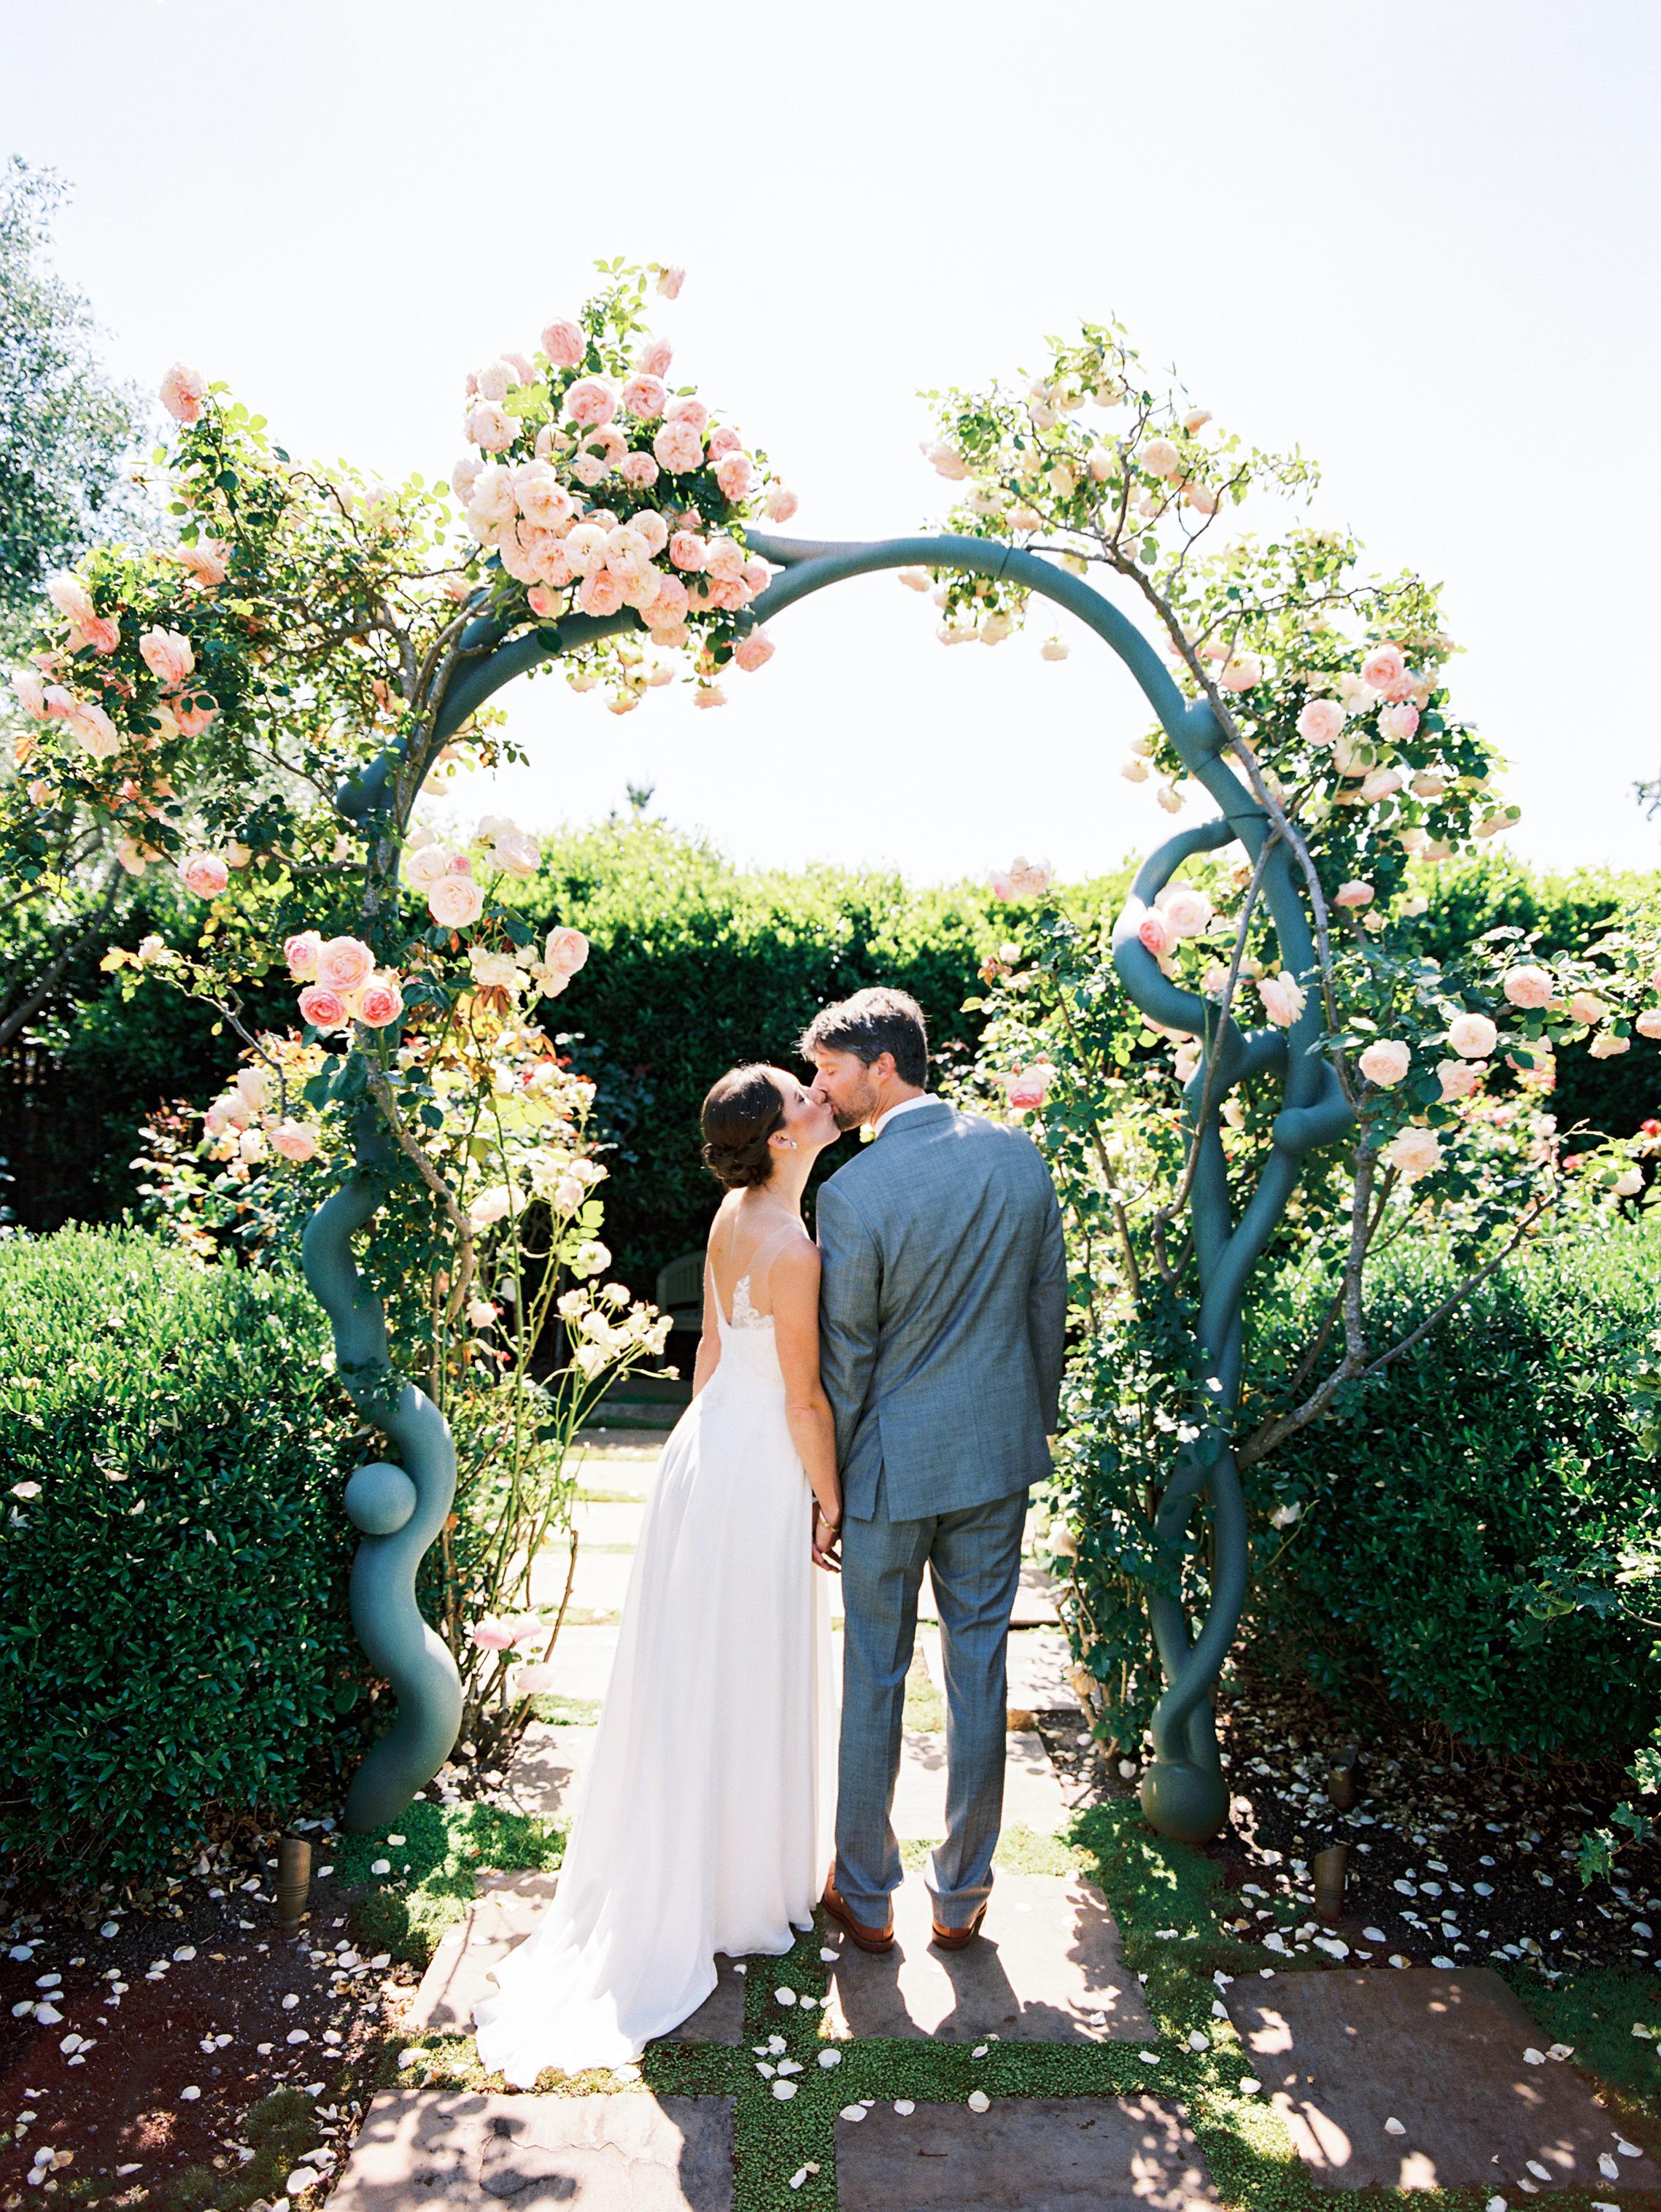 A magical entrance to the rose garden.